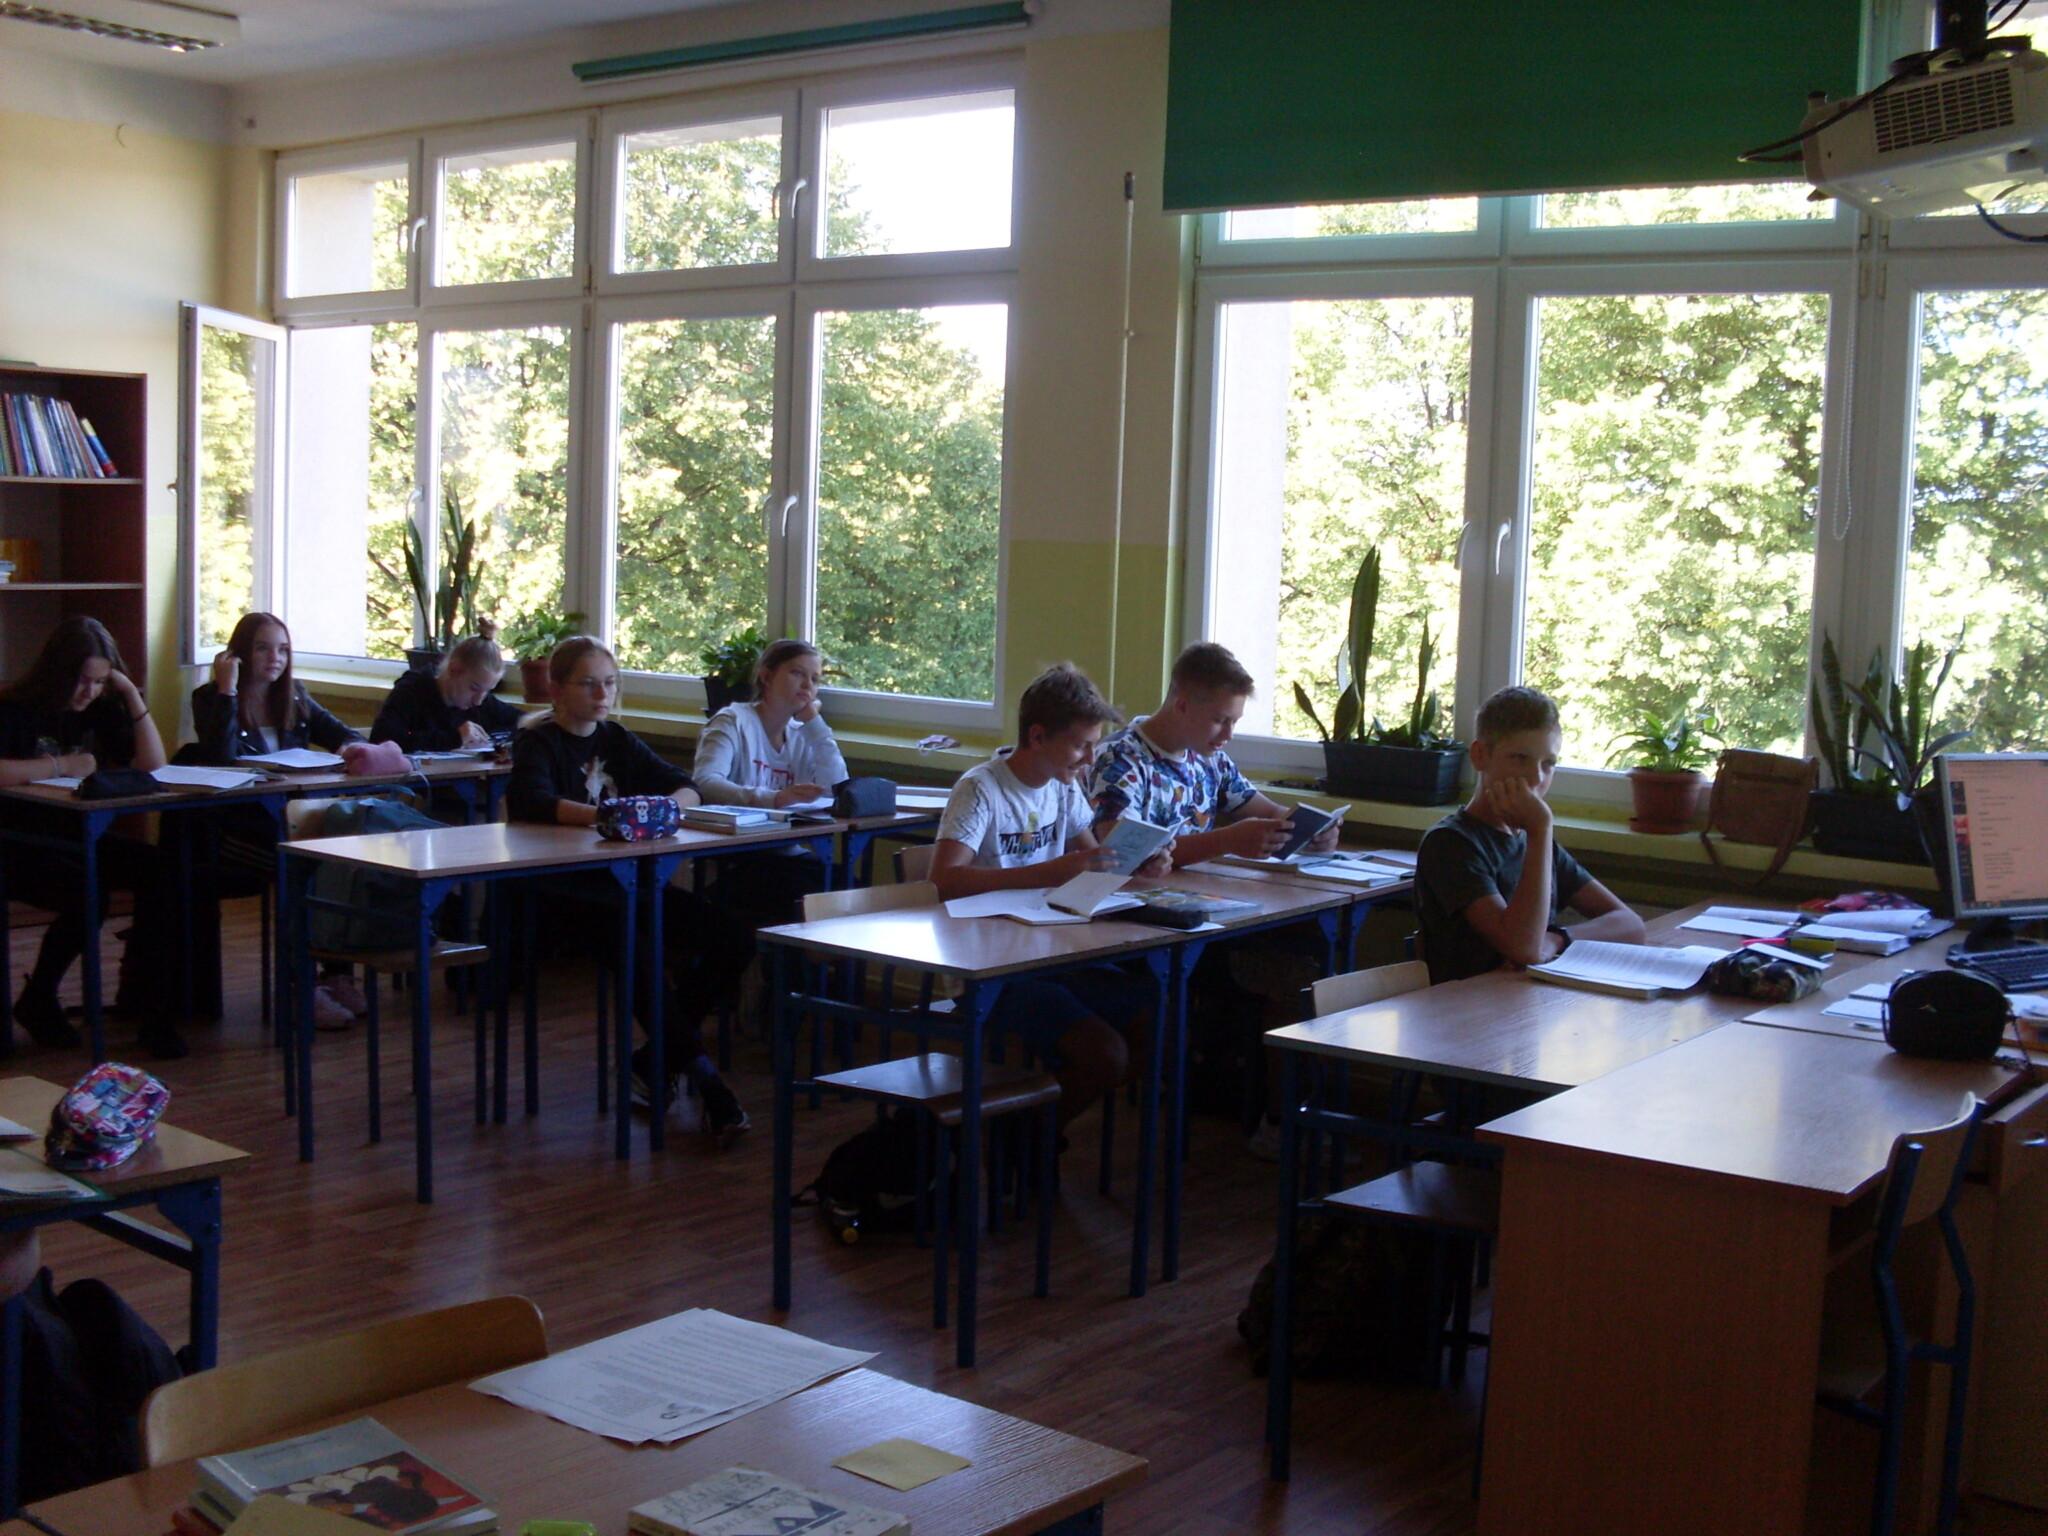 Zdjęcie klasy czytającej Balladynę w sali lekcyjnej